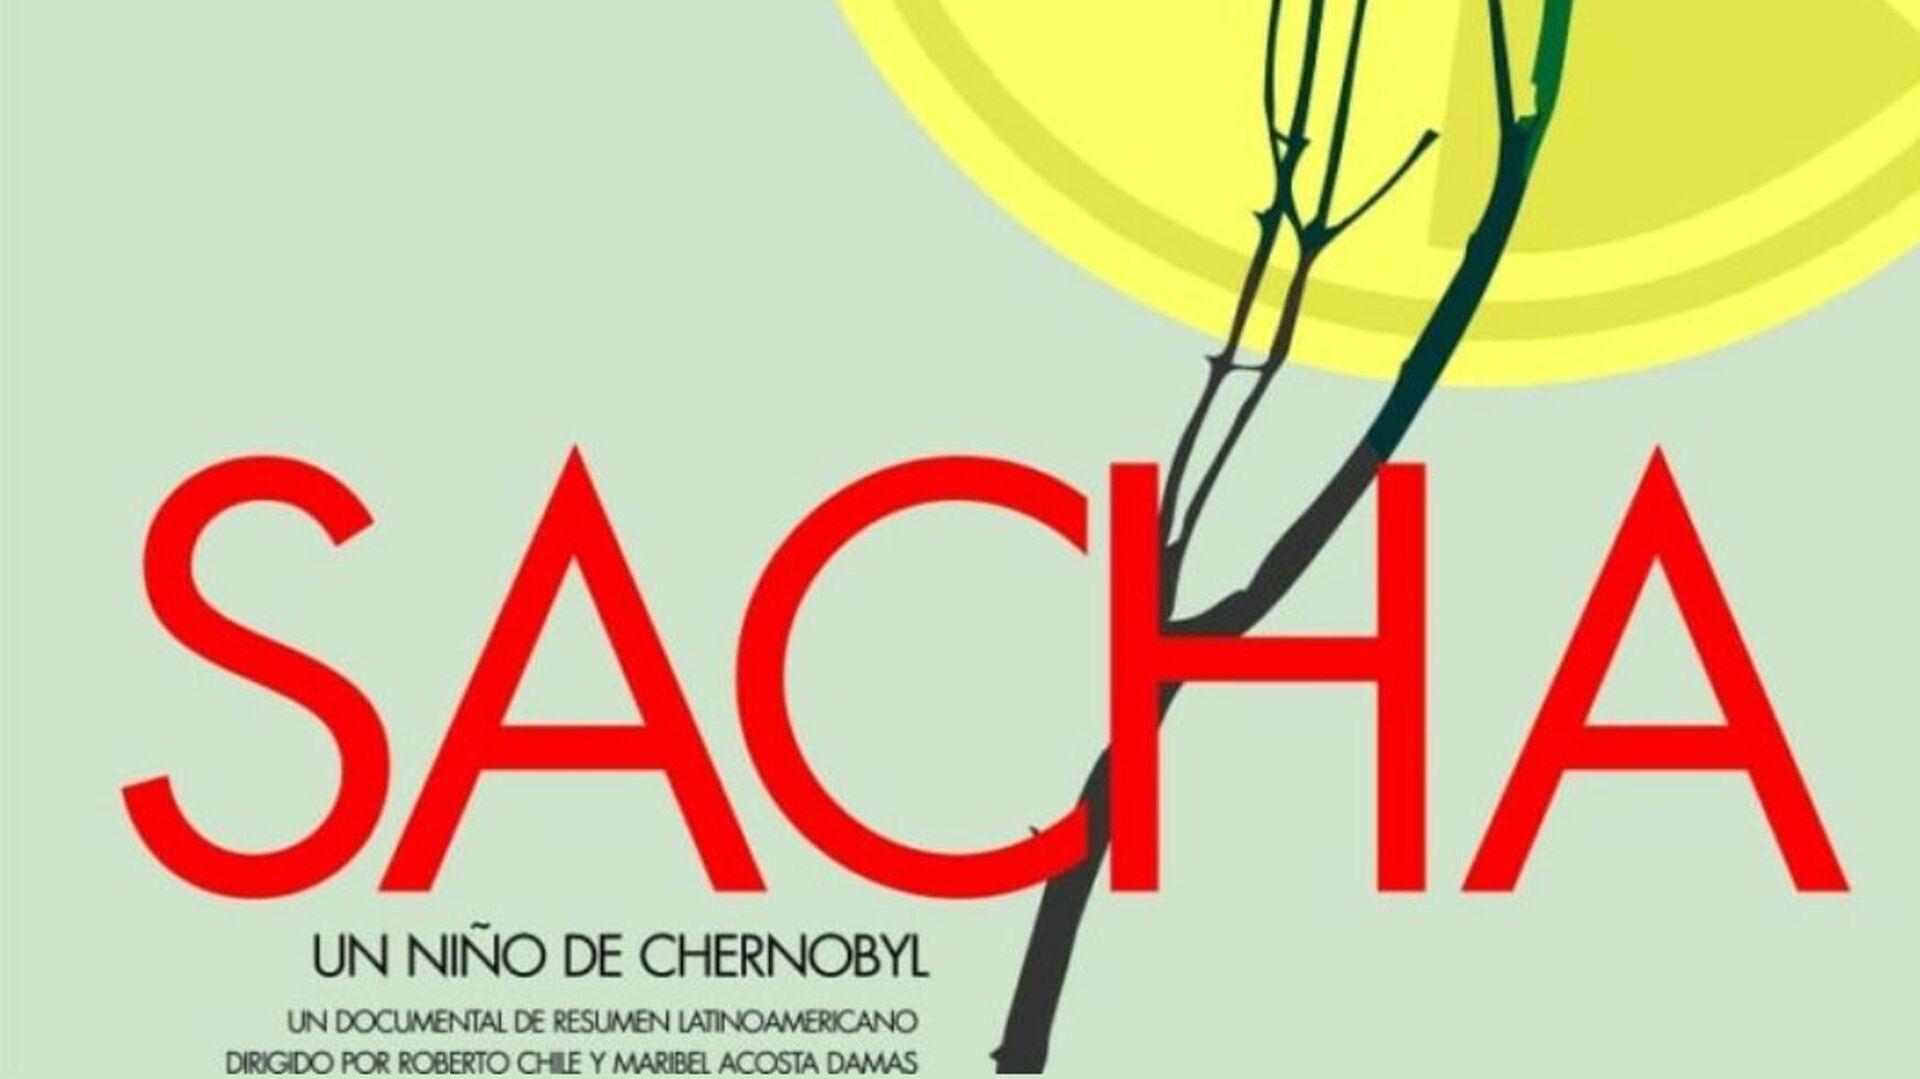 'Sacha, un niño de Chernobyl' - Sputnik Mundo, 1920, 30.03.2021